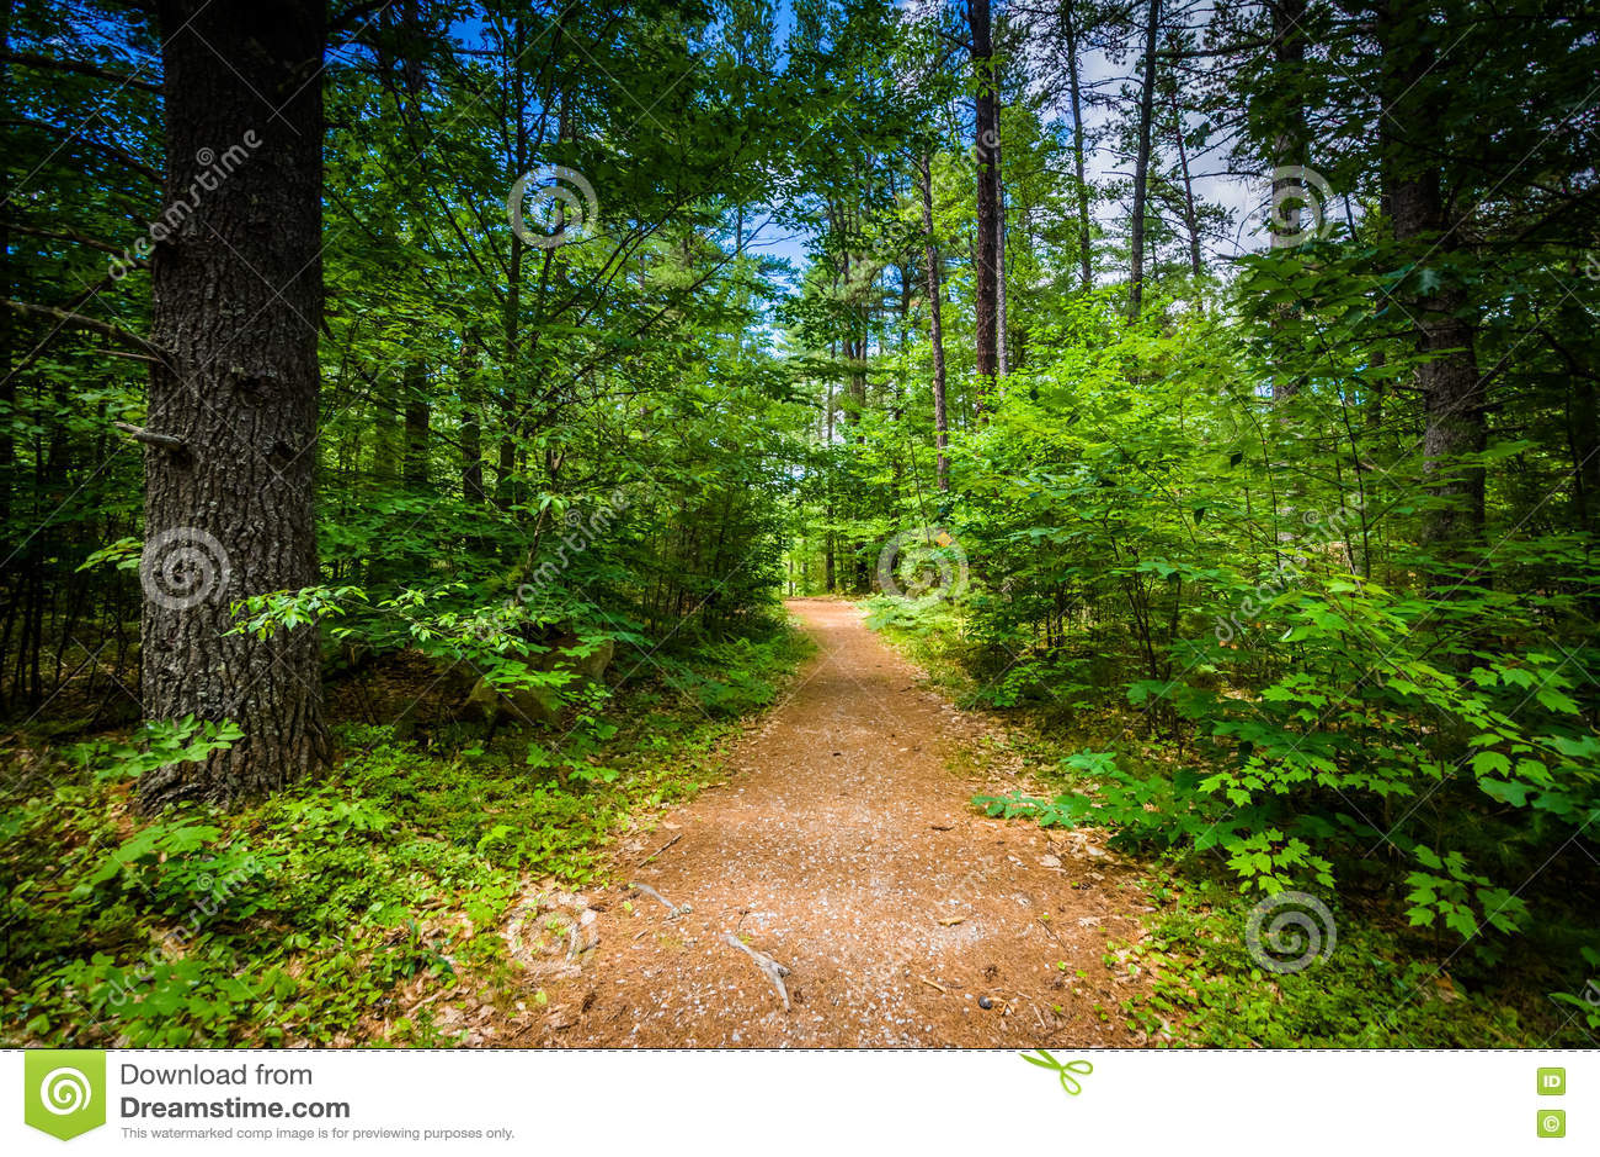 Trascini in una foresta al parco di stato del ruscello dell orso, New Hampshire